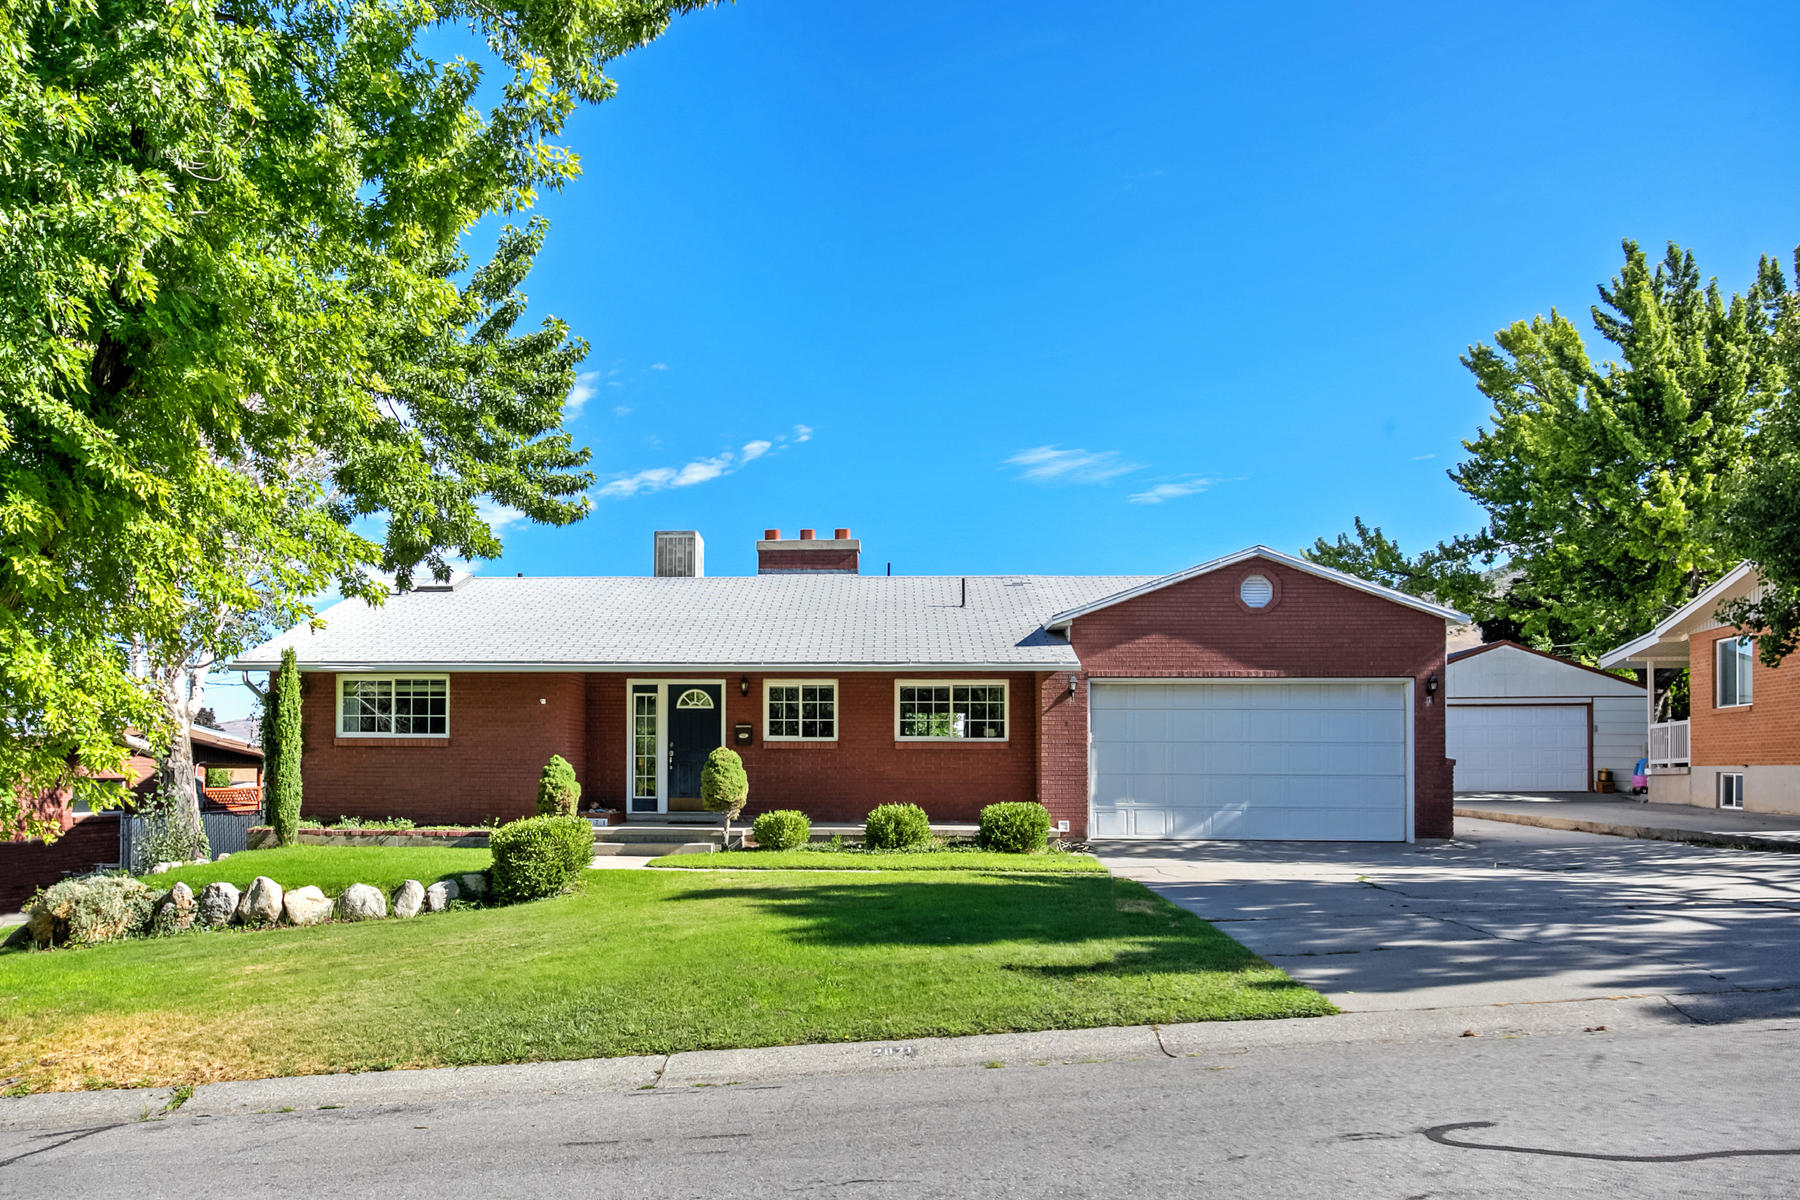 Частный односемейный дом для того Продажа на Millcreek Spacious Rambler 2871 East 3400 South Salt Lake City, Юта, 84109 Соединенные Штаты